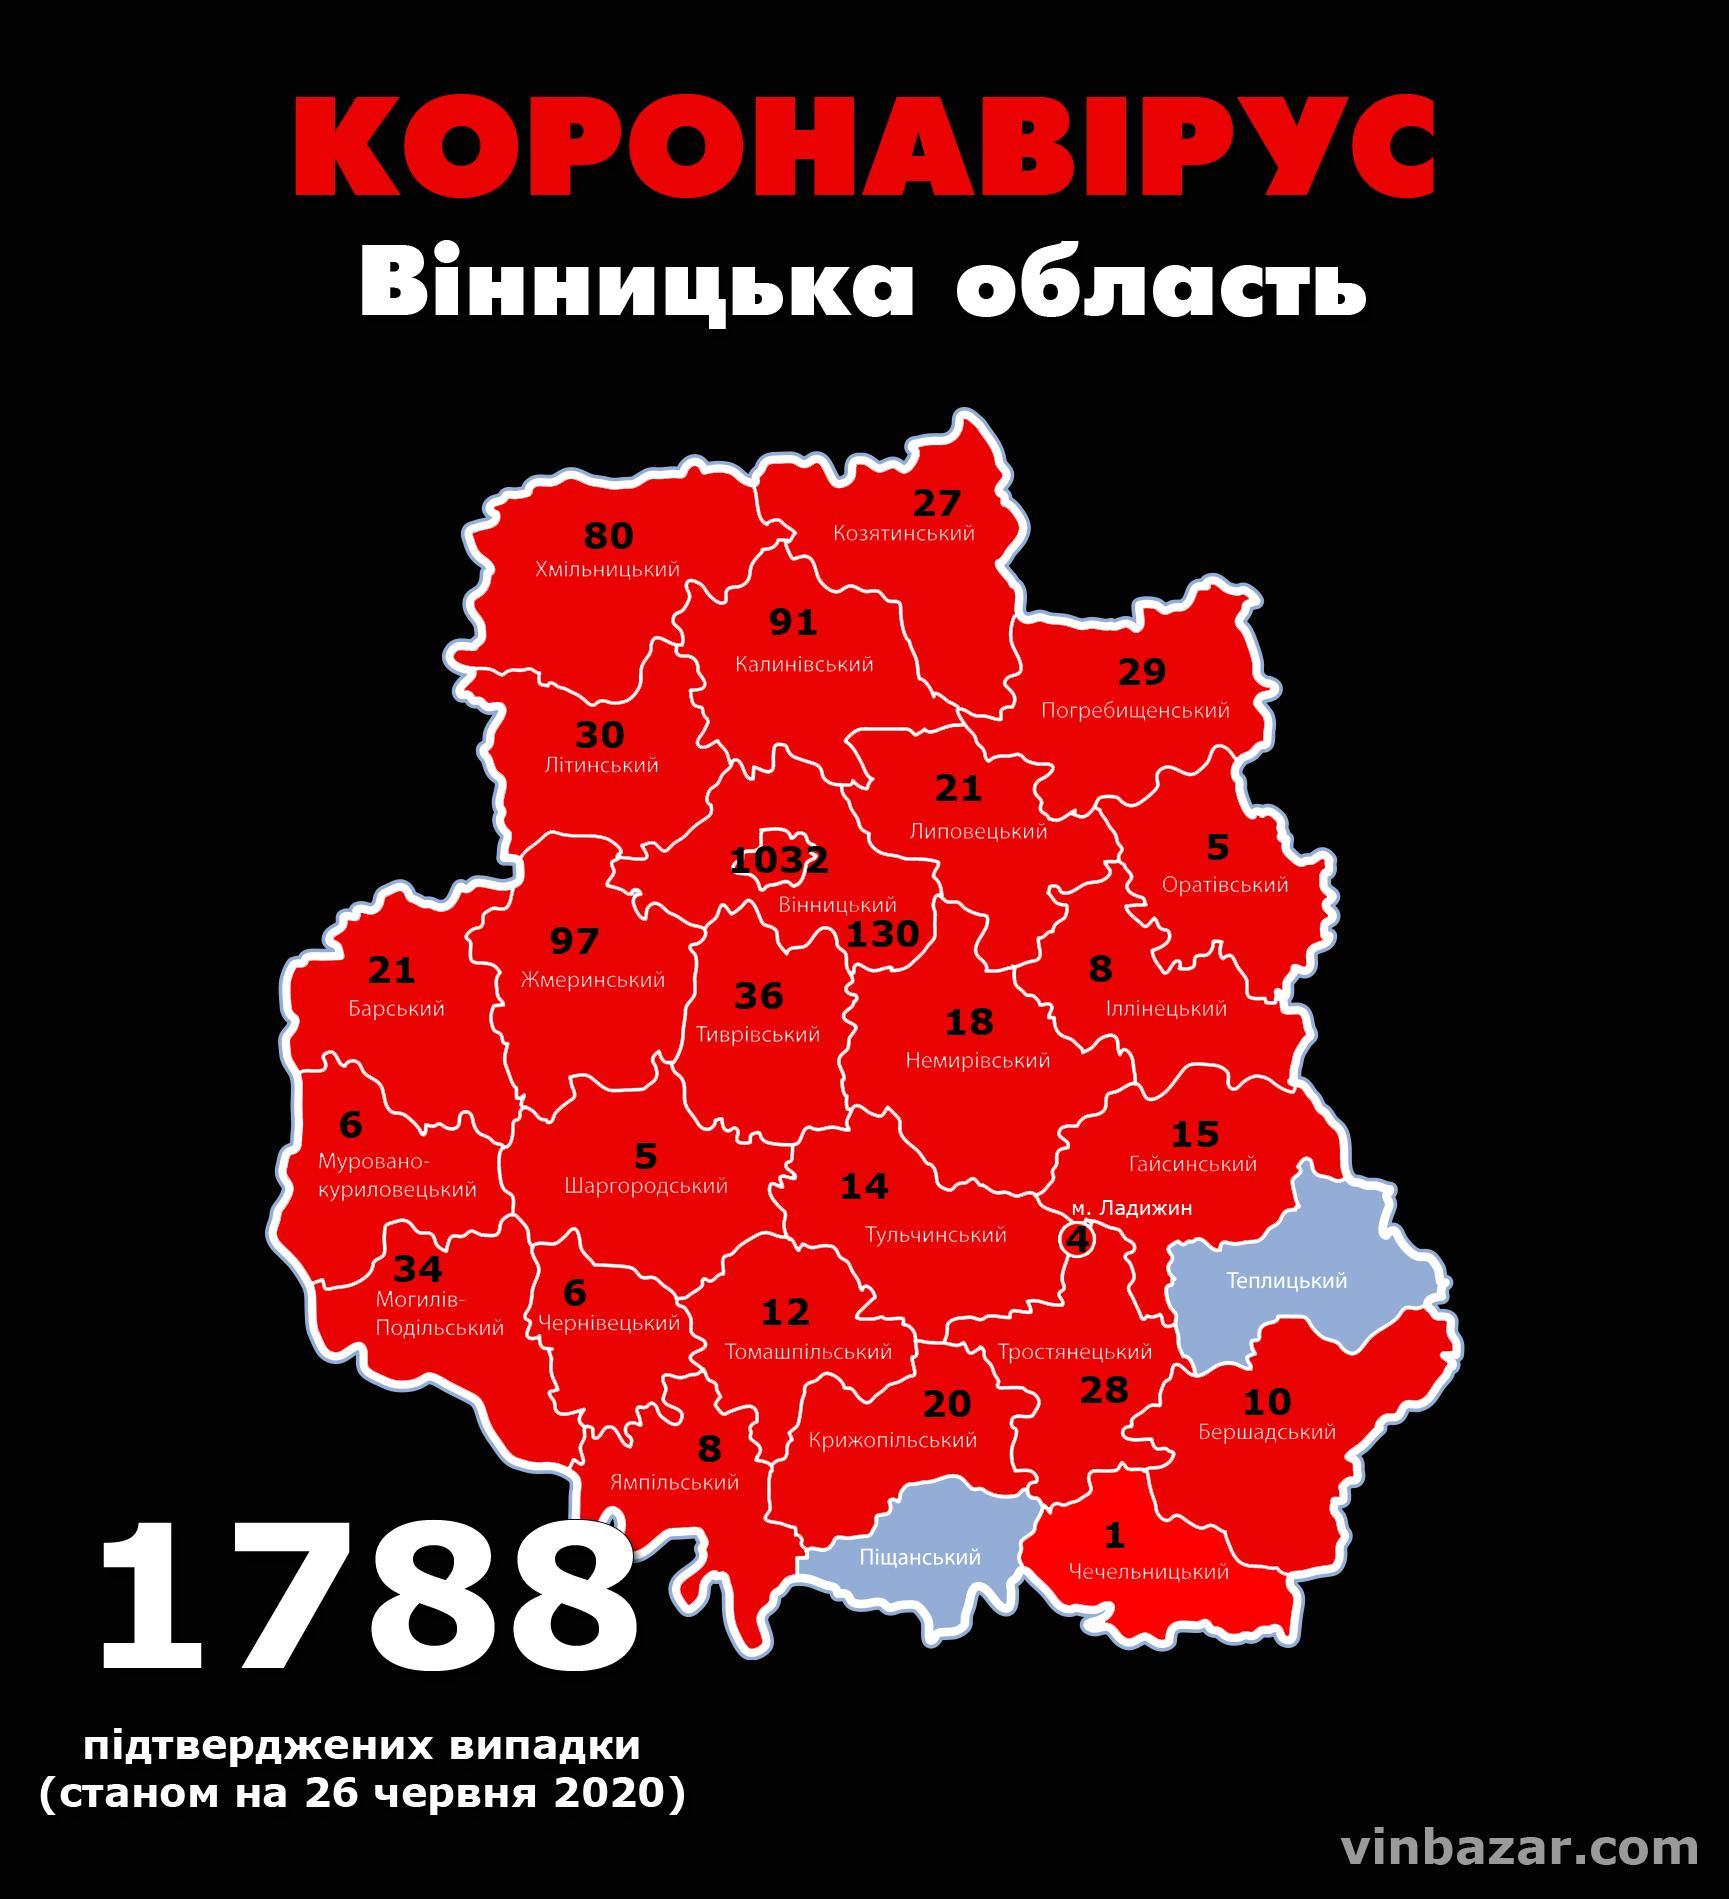 Станом на ранок 26 червня у Вінницькій області підтвердили 1788 випадків коронавірусу